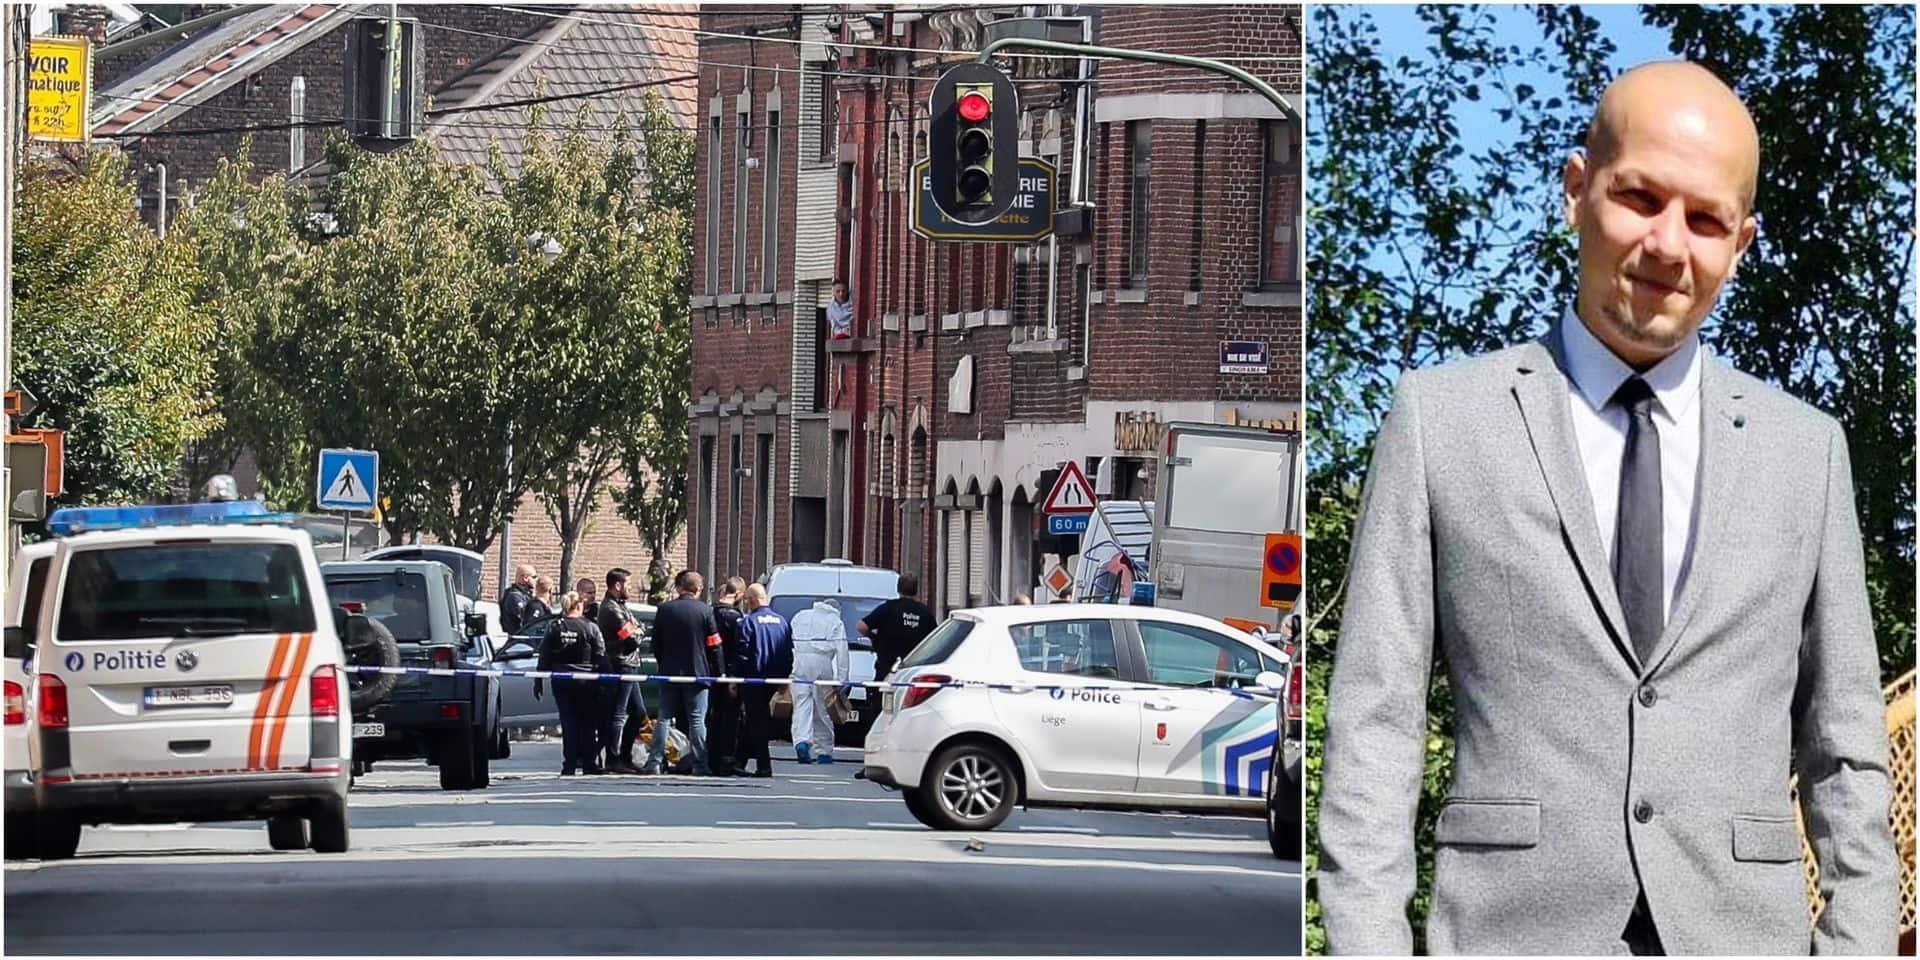 L'état de Maxime Pans, le policier touché par balle, évolue de manière positive: il a repris du poids et parle de mieux en mieux!